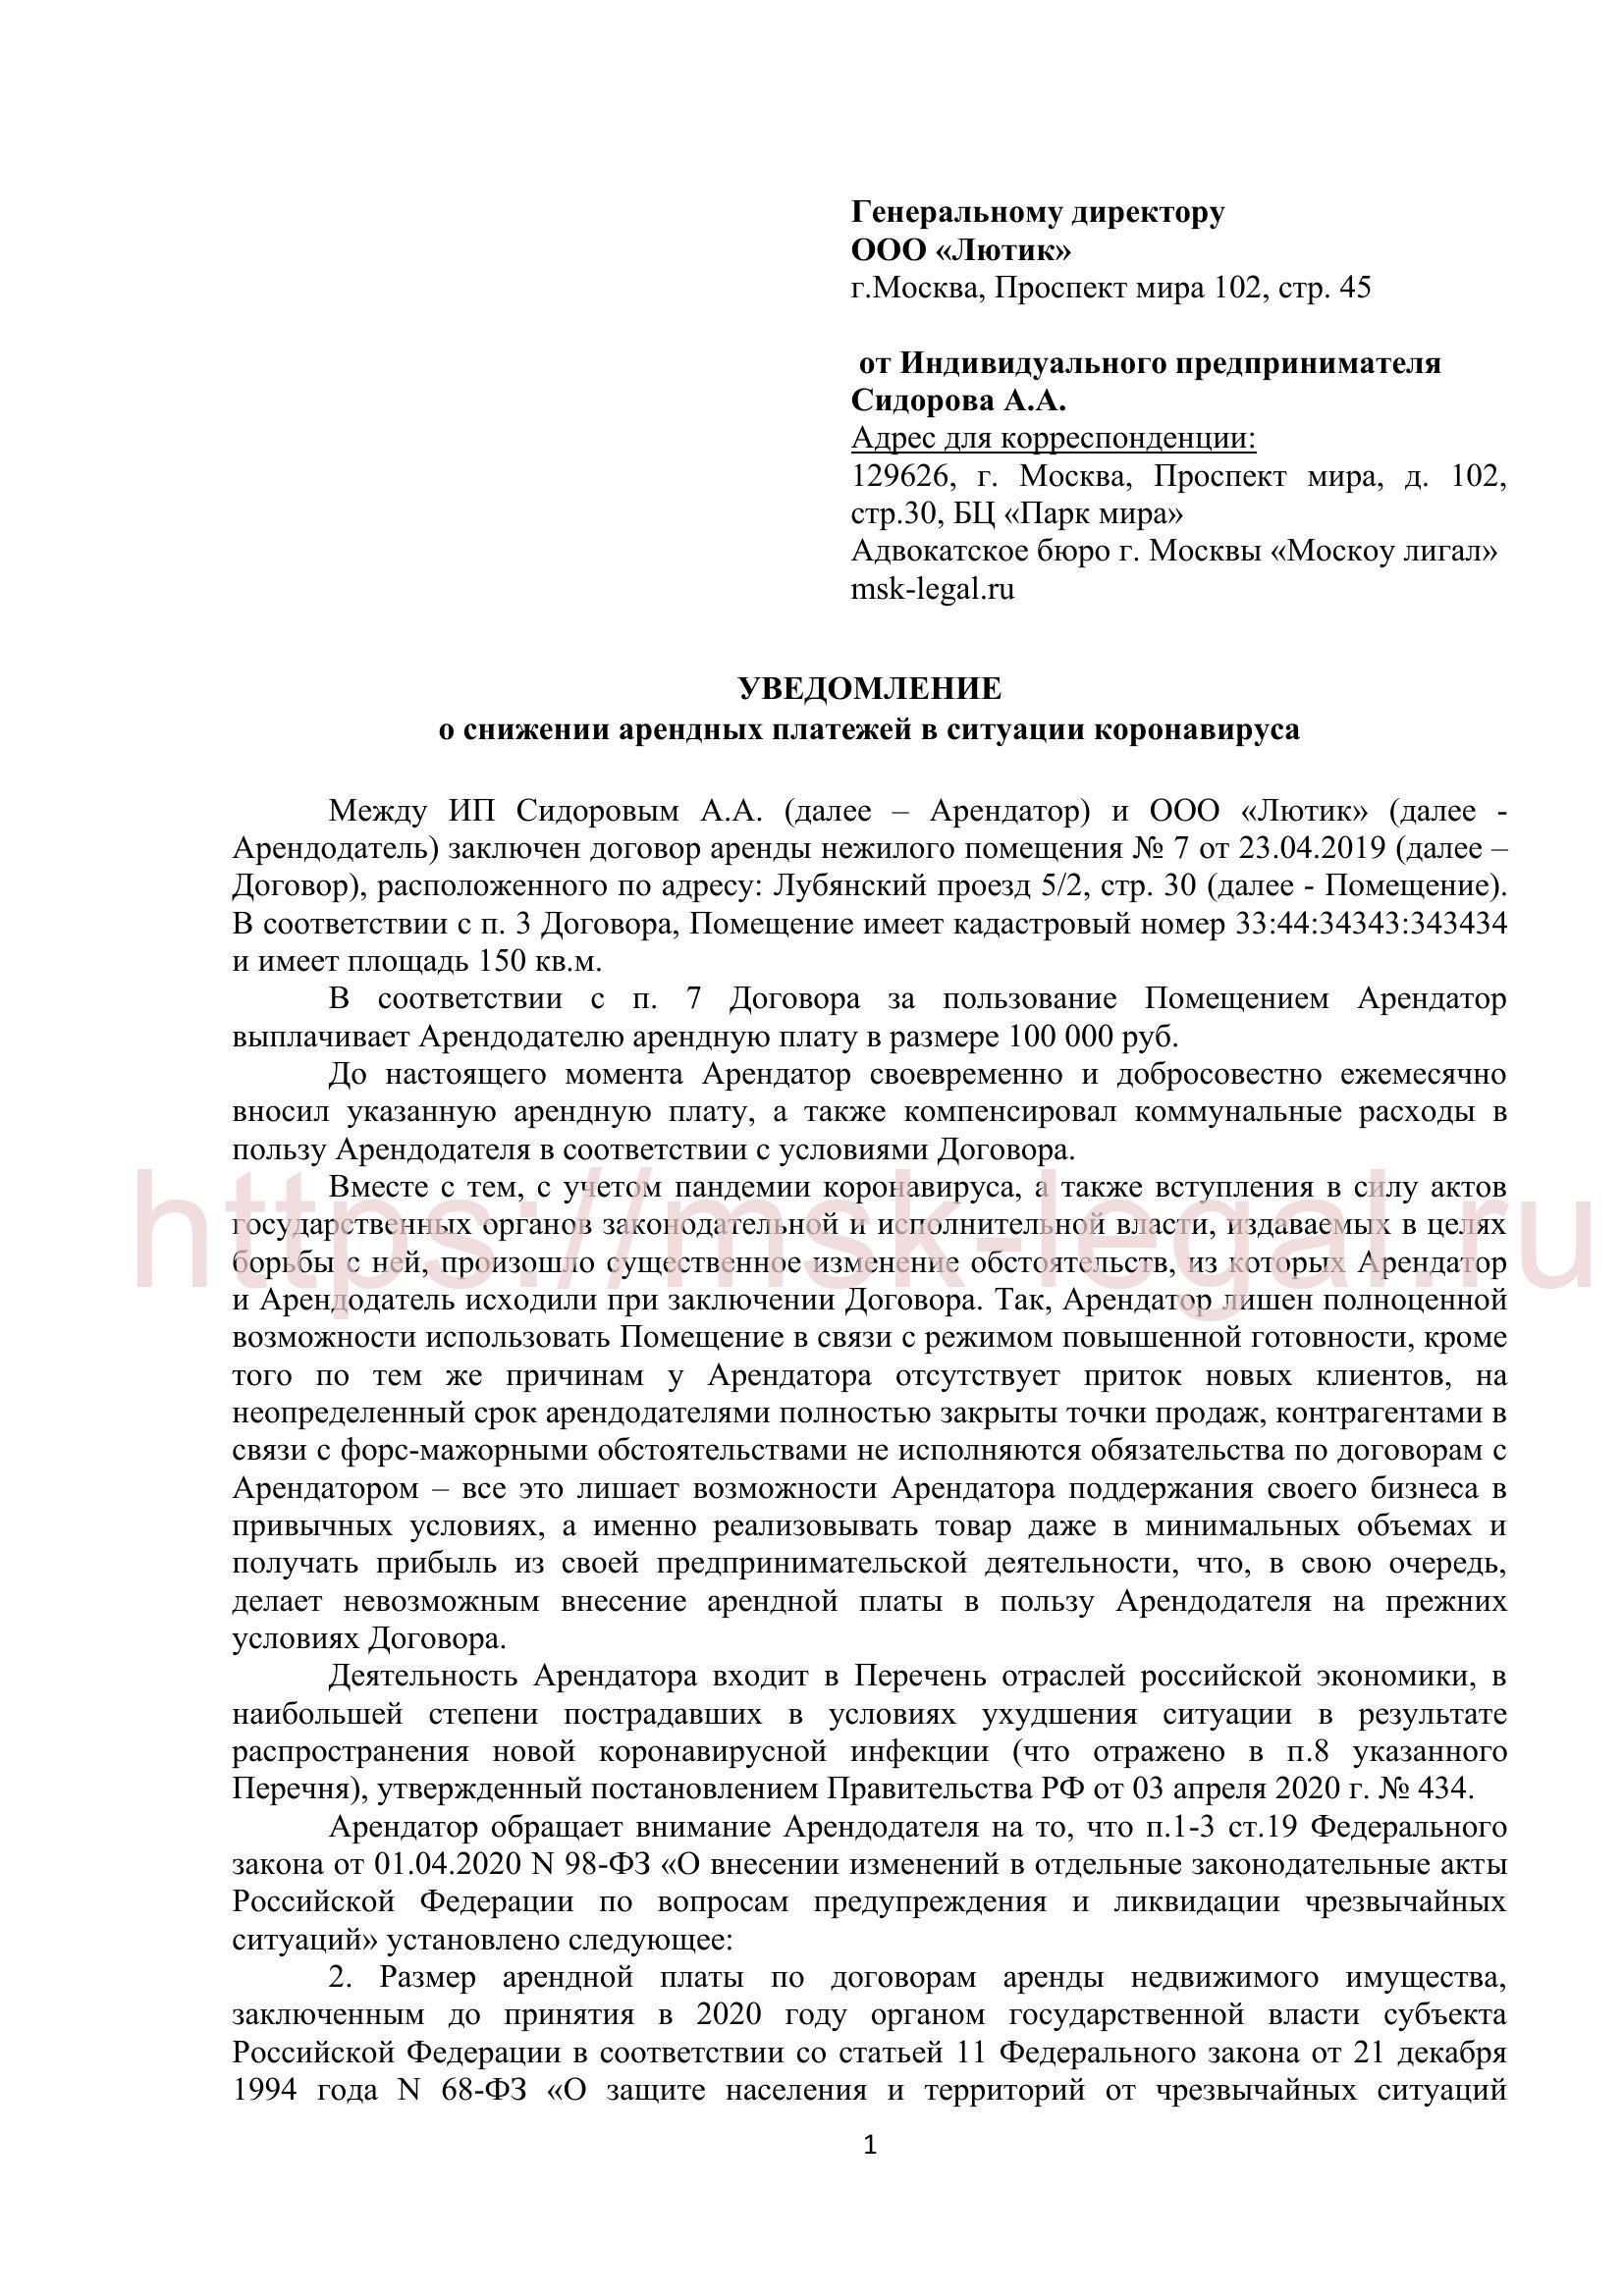 Письмо (заявление) о снижении аренды из-за коронавируса